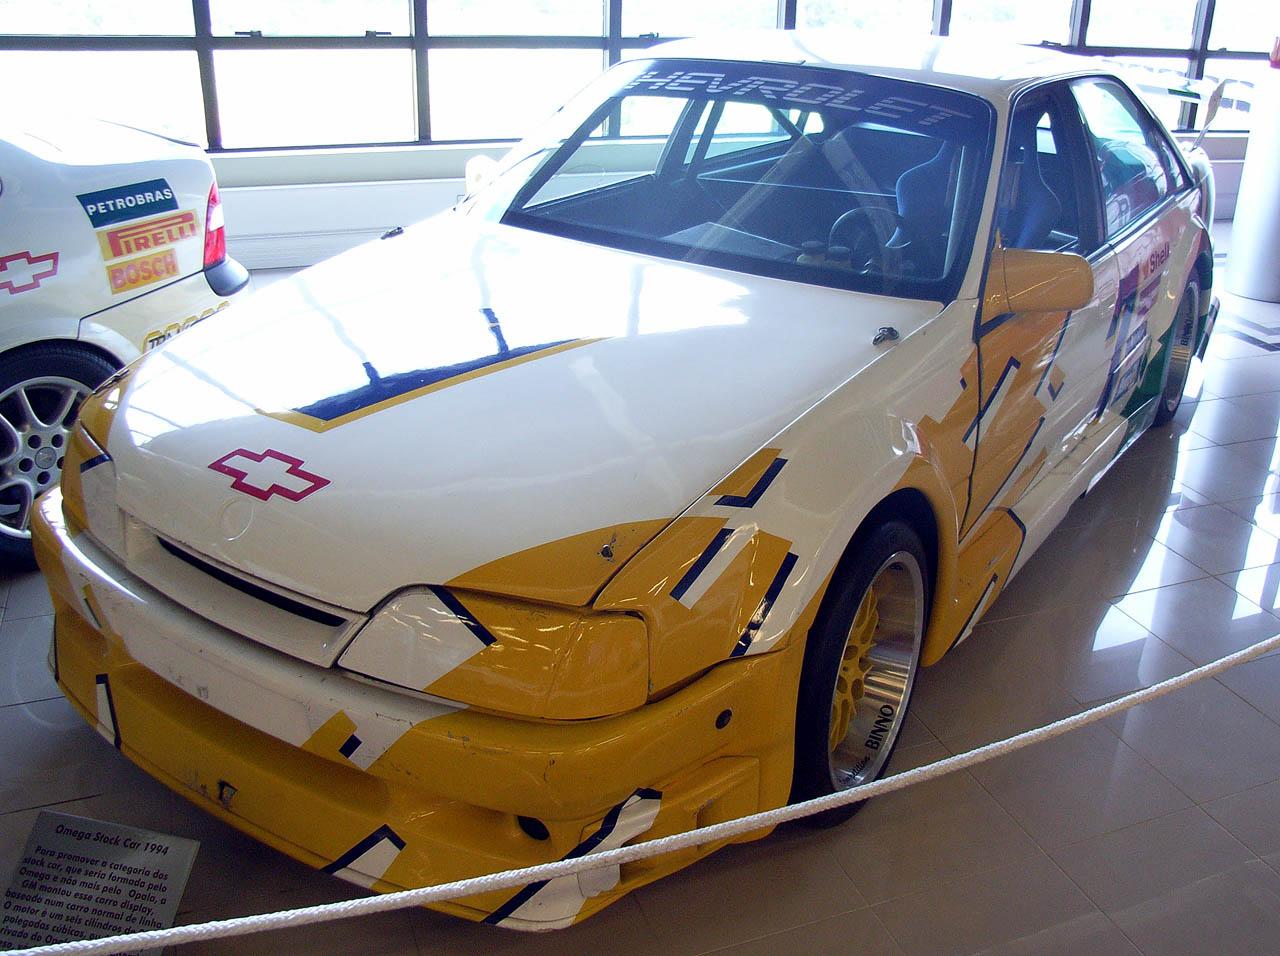 1000 Milhas Brasileiras - 1000 Miles in Brazil 3 Mods from that era Stock_Car_Brasil_1994_Chevrolet_Omega